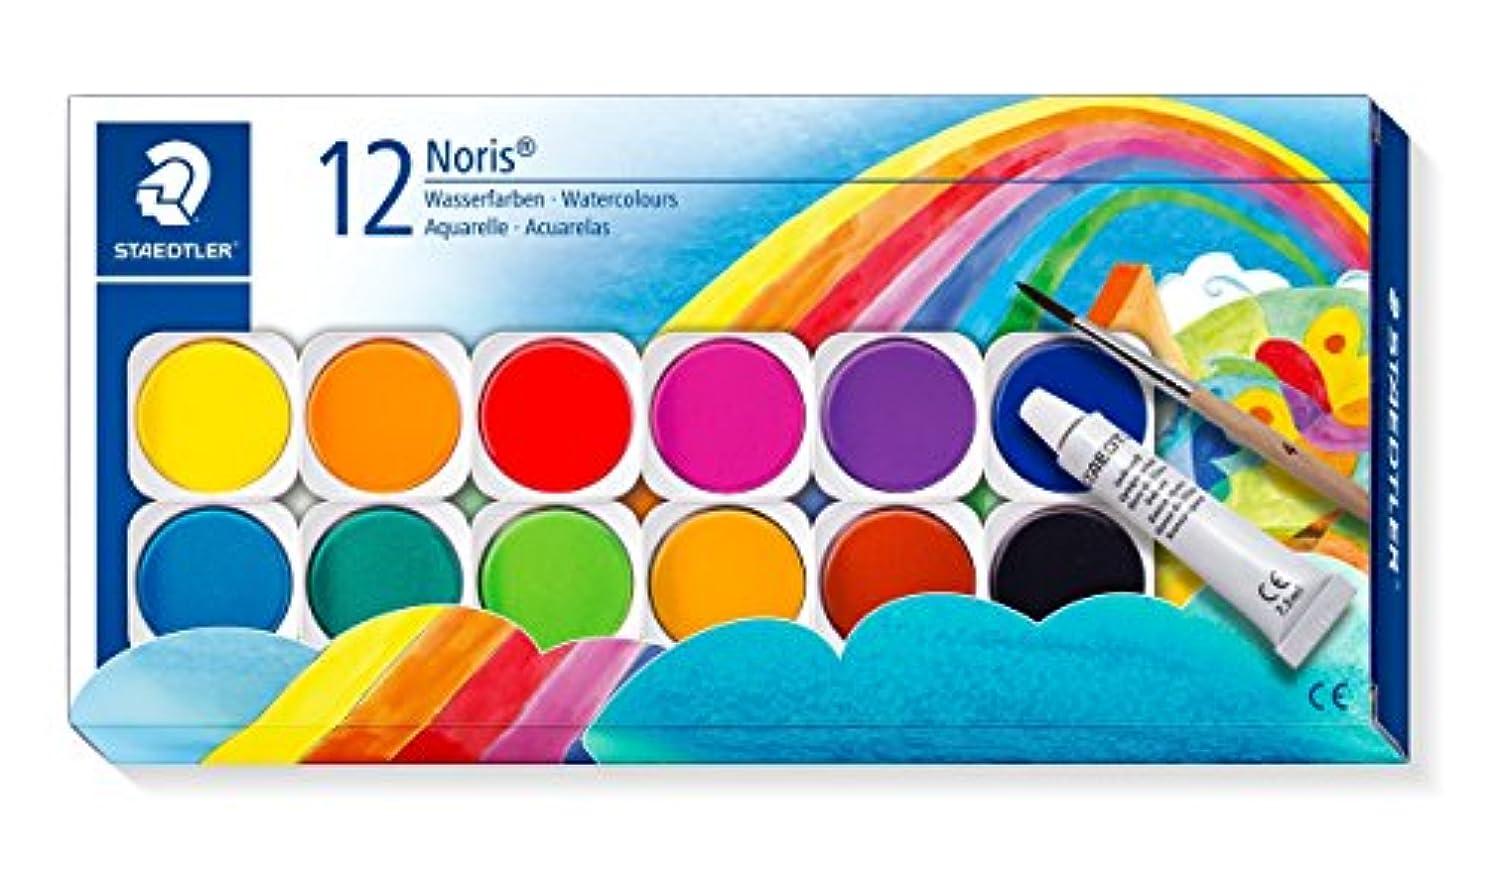 Staedtler Noris Club 12 Watercolors 888 NC12